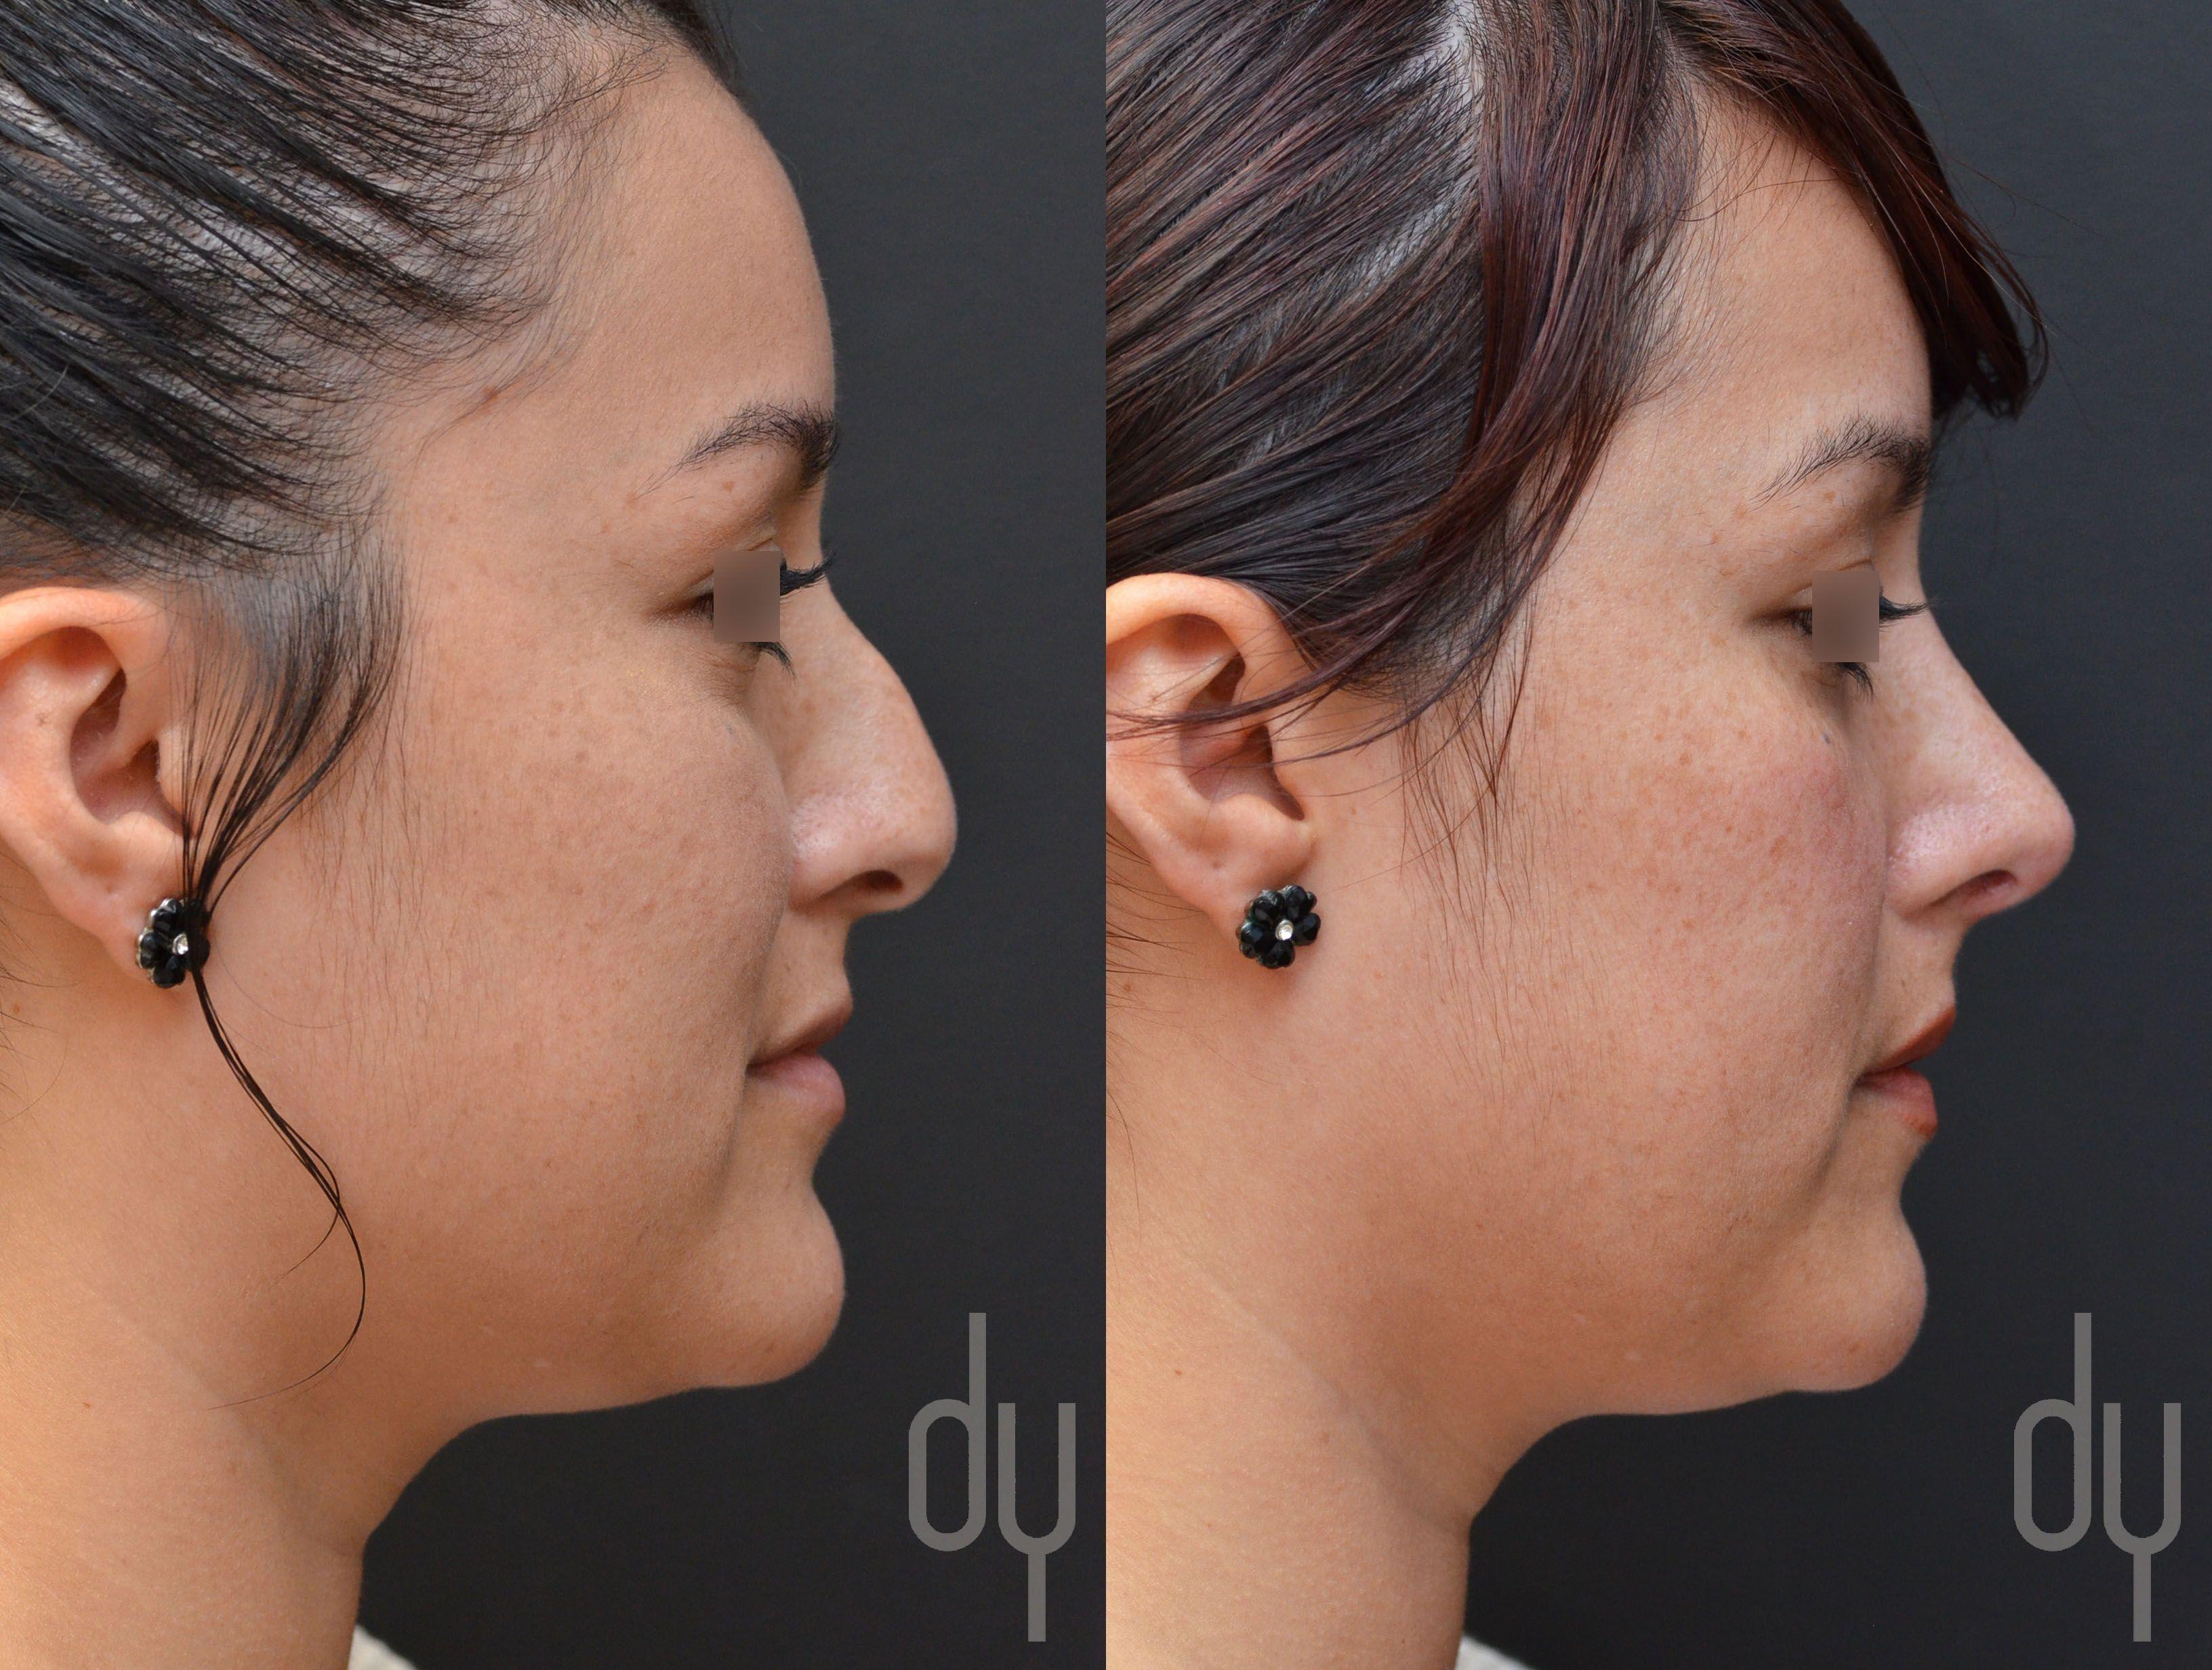 cheap non surgical nose job near me